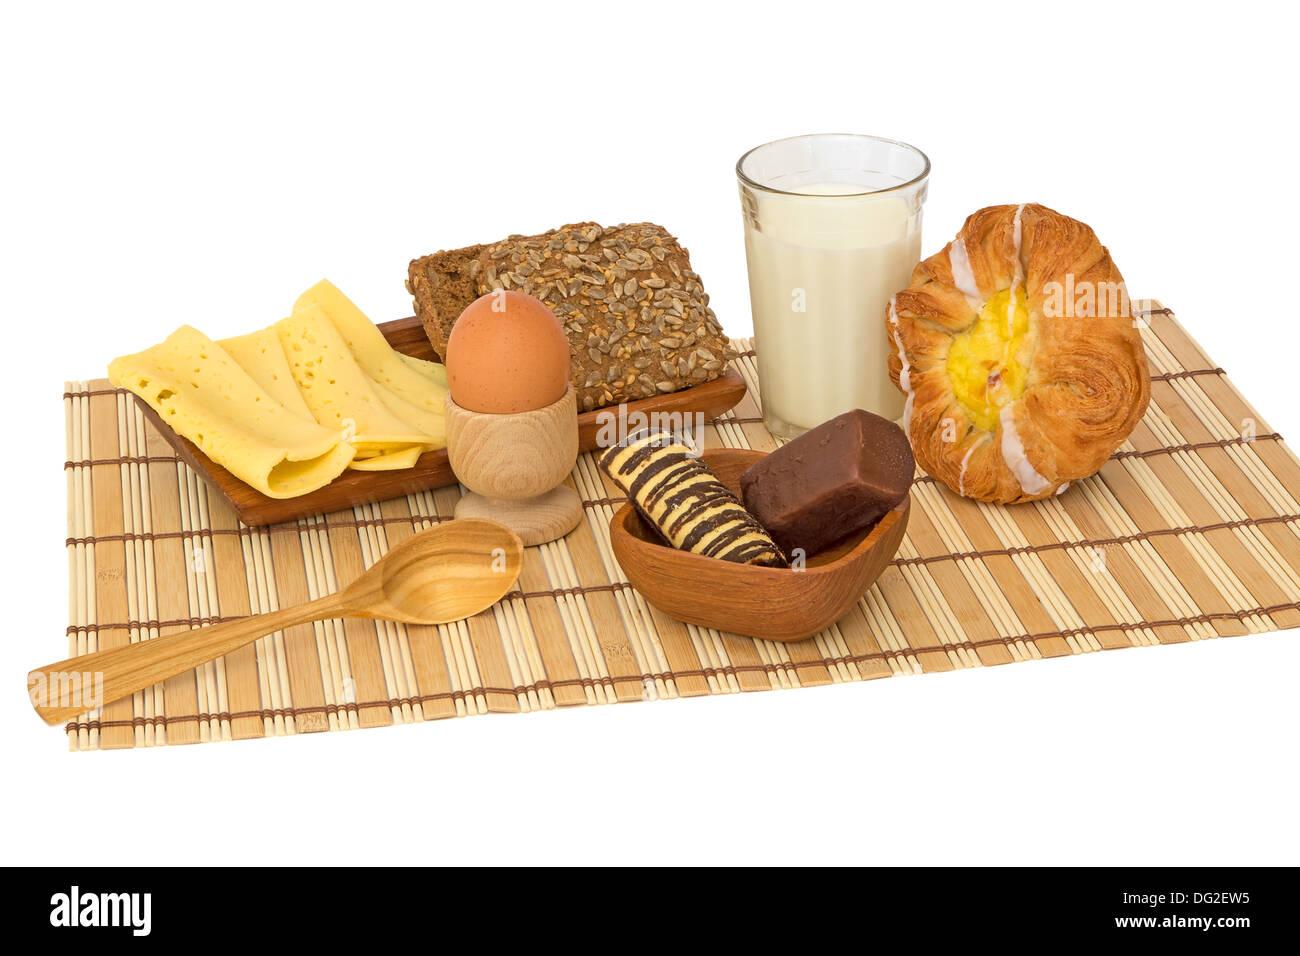 Luncheon - Stock Image